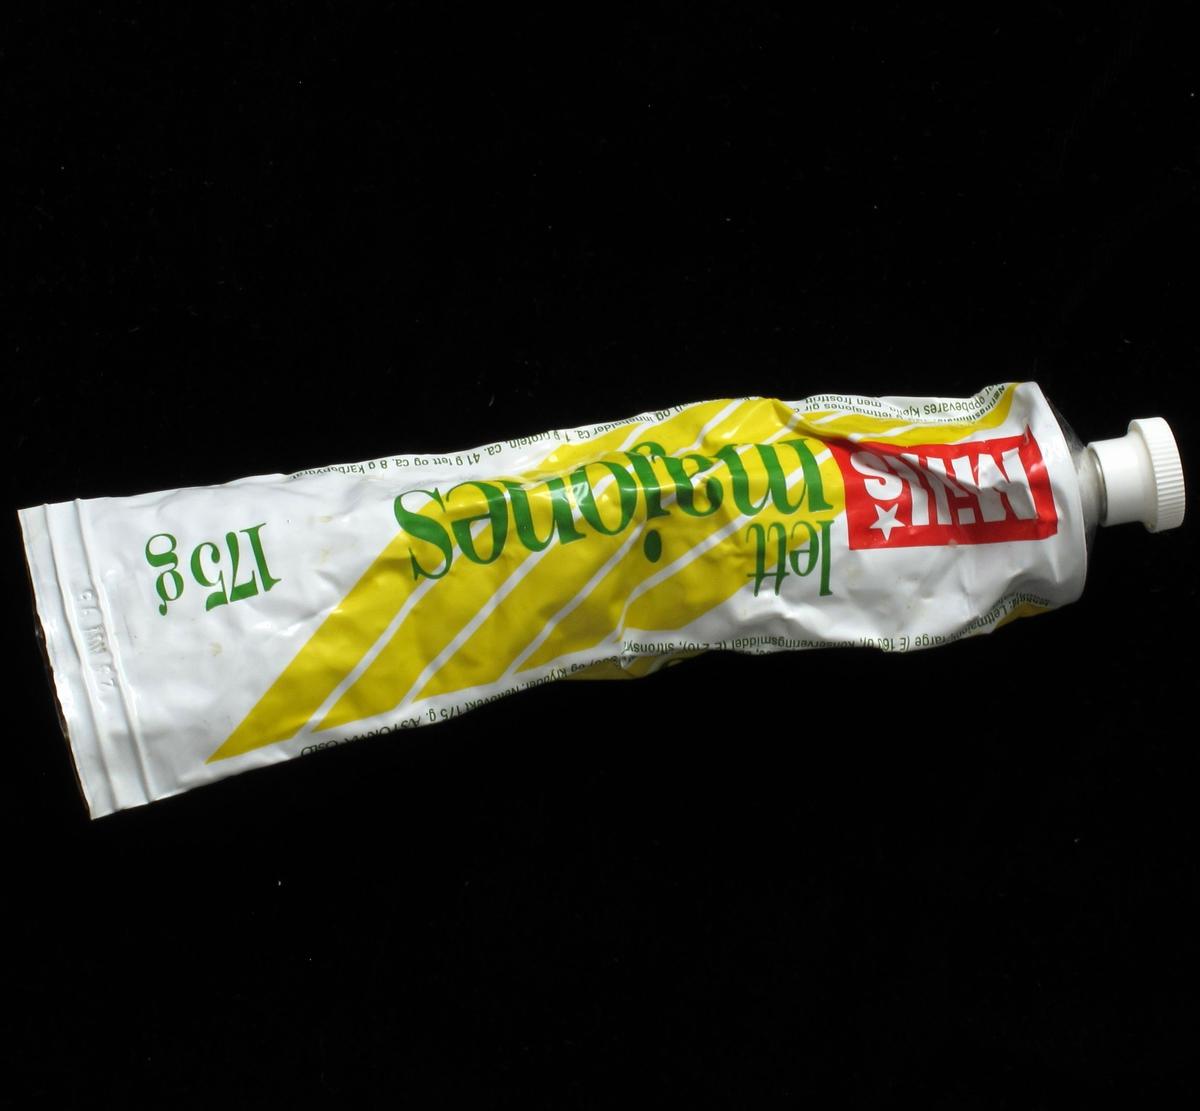 Majonestube, av metall, skrukork av plast. Dekor av gule striper på skrå, vareopplysninger og strekkode.